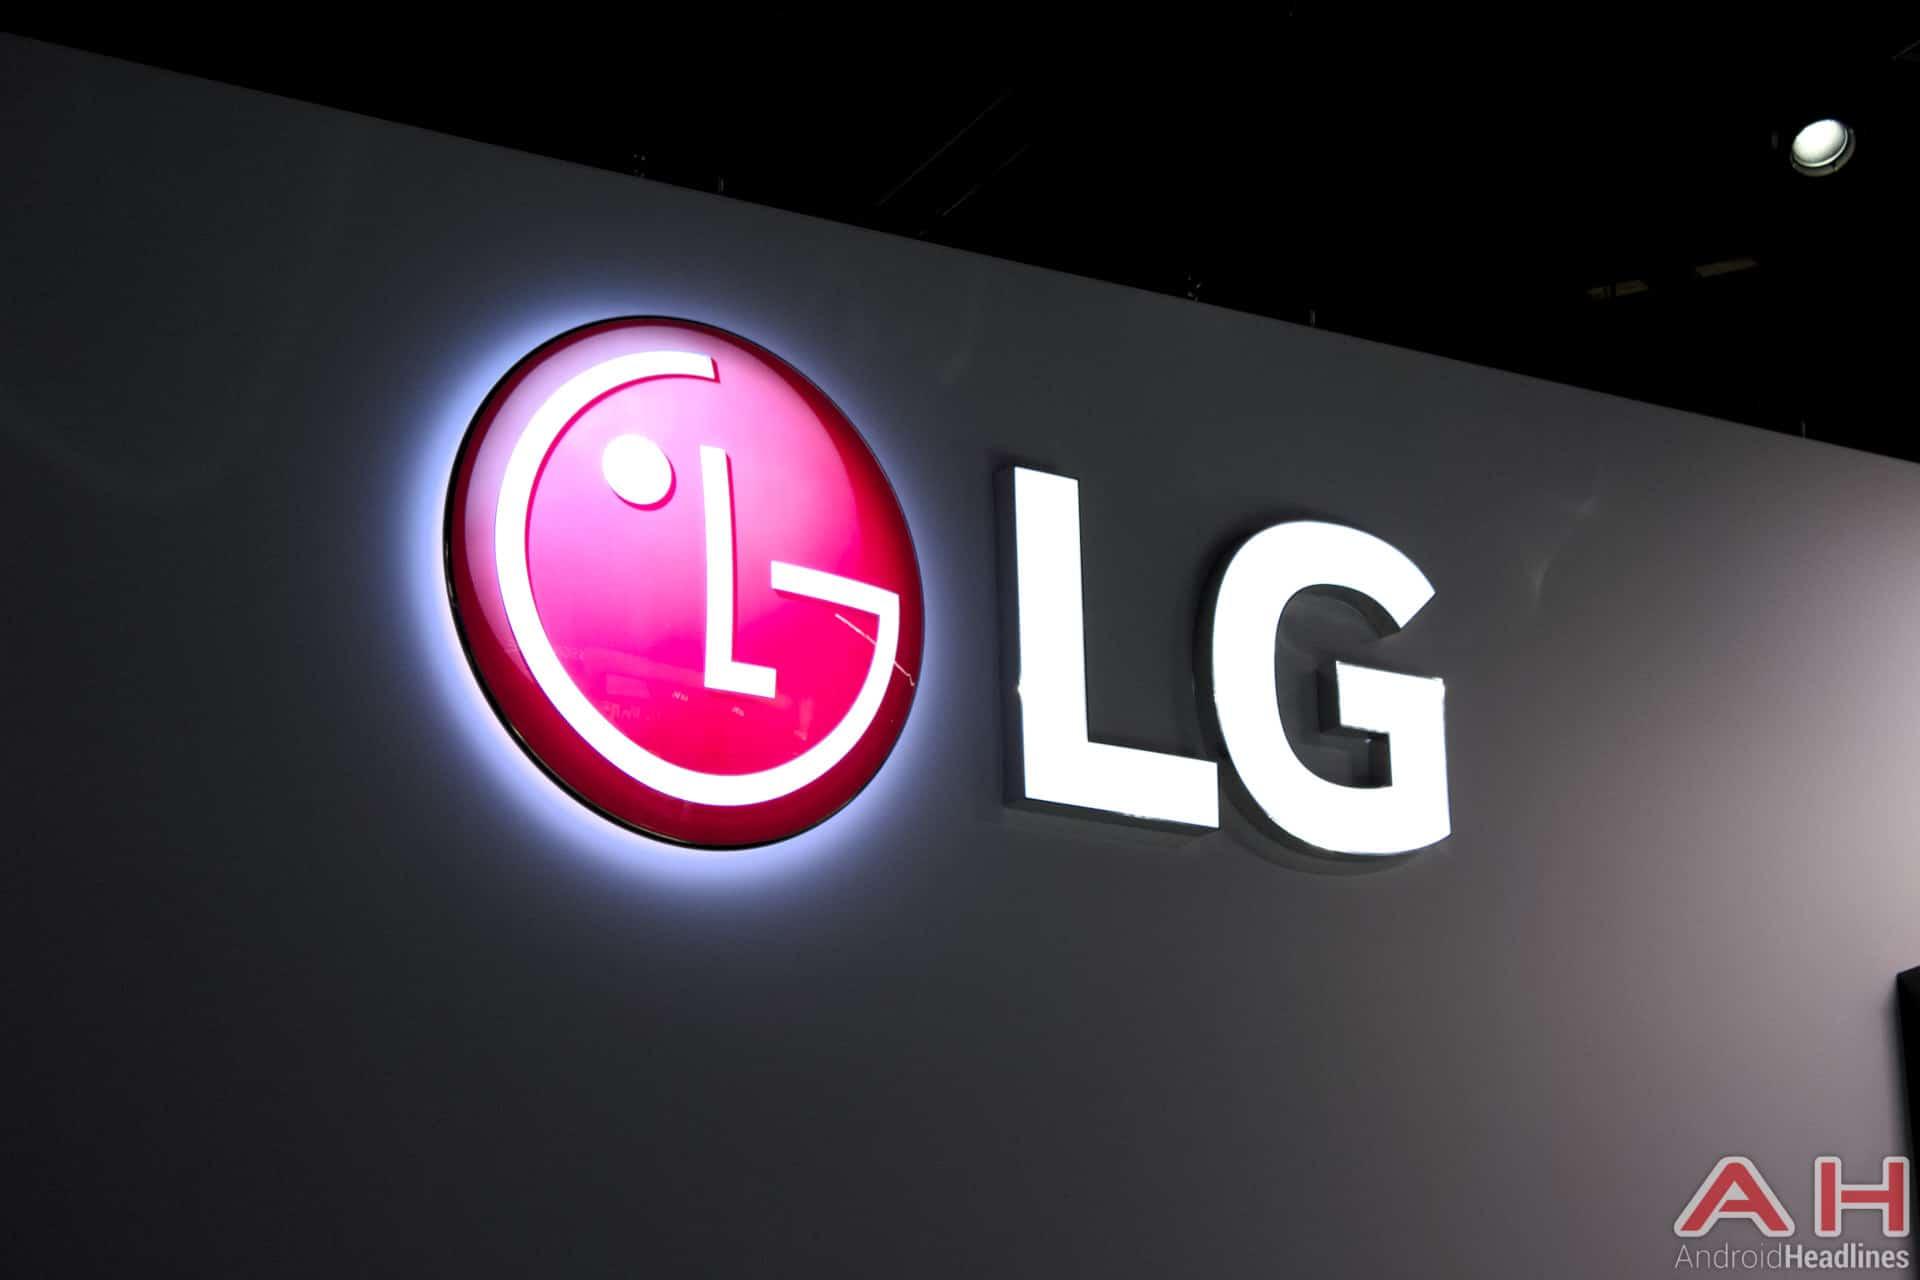 LG Logo 2016 AH 3